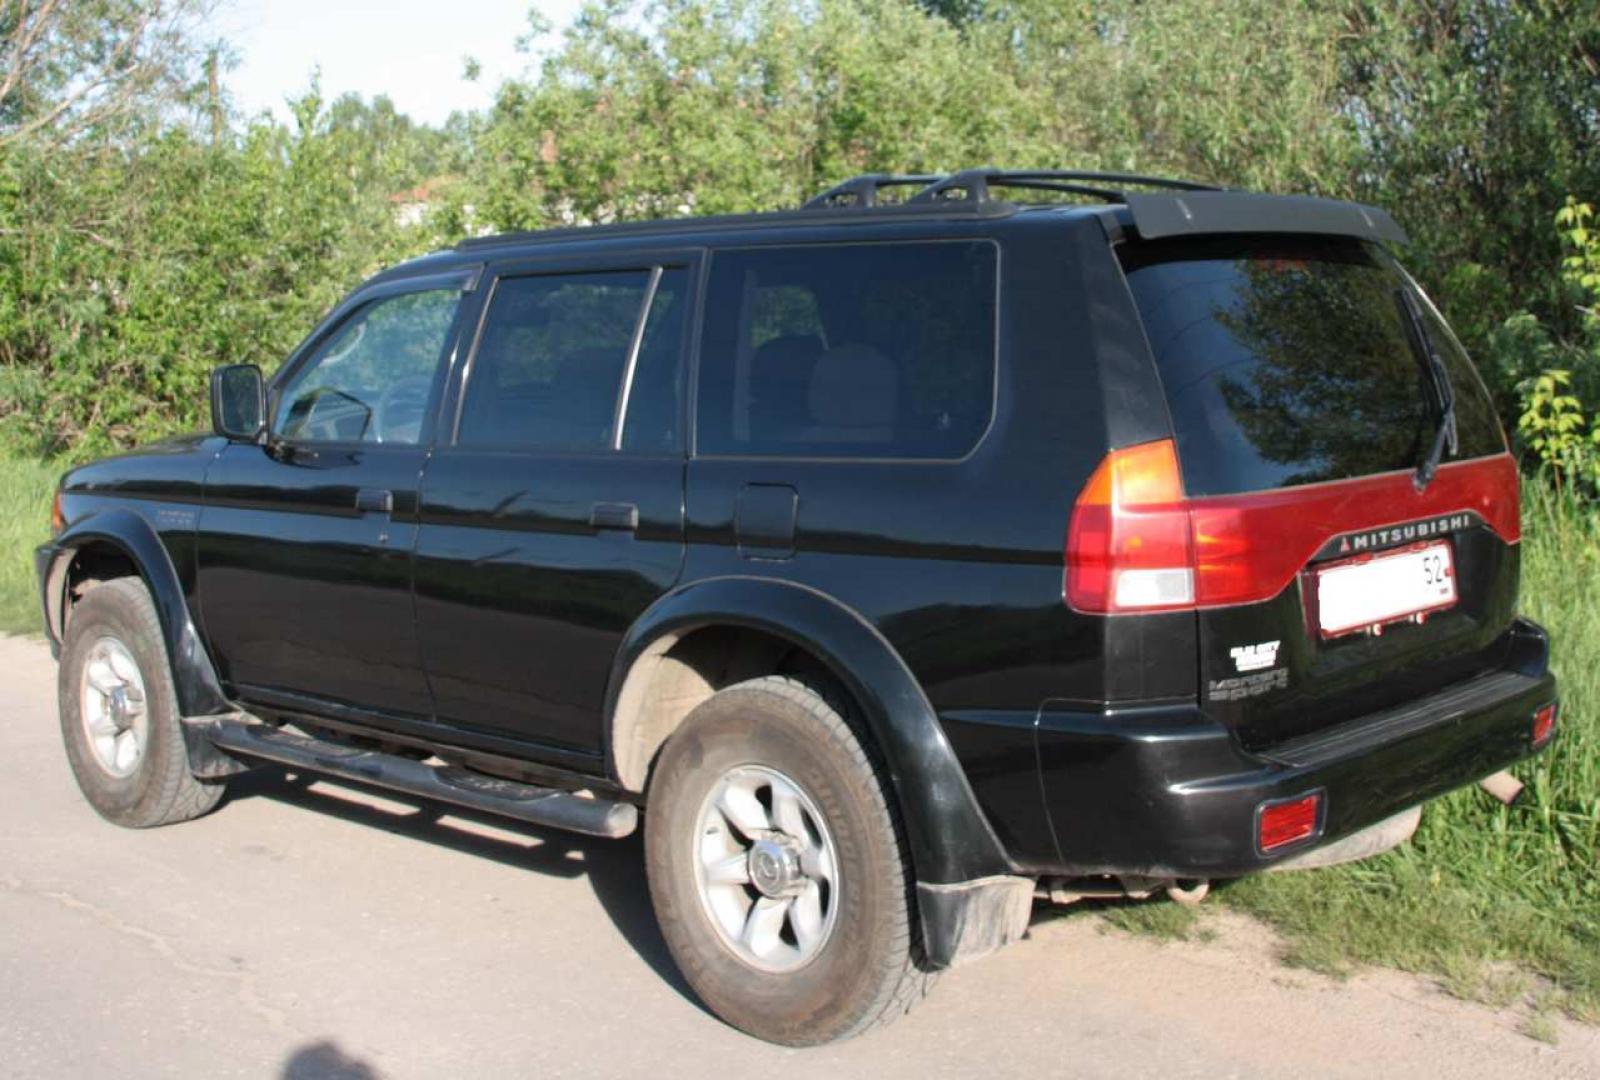 1998 mitsubishi montero 7 mitsubishi montero 7 800 1024 1280 1600 origin